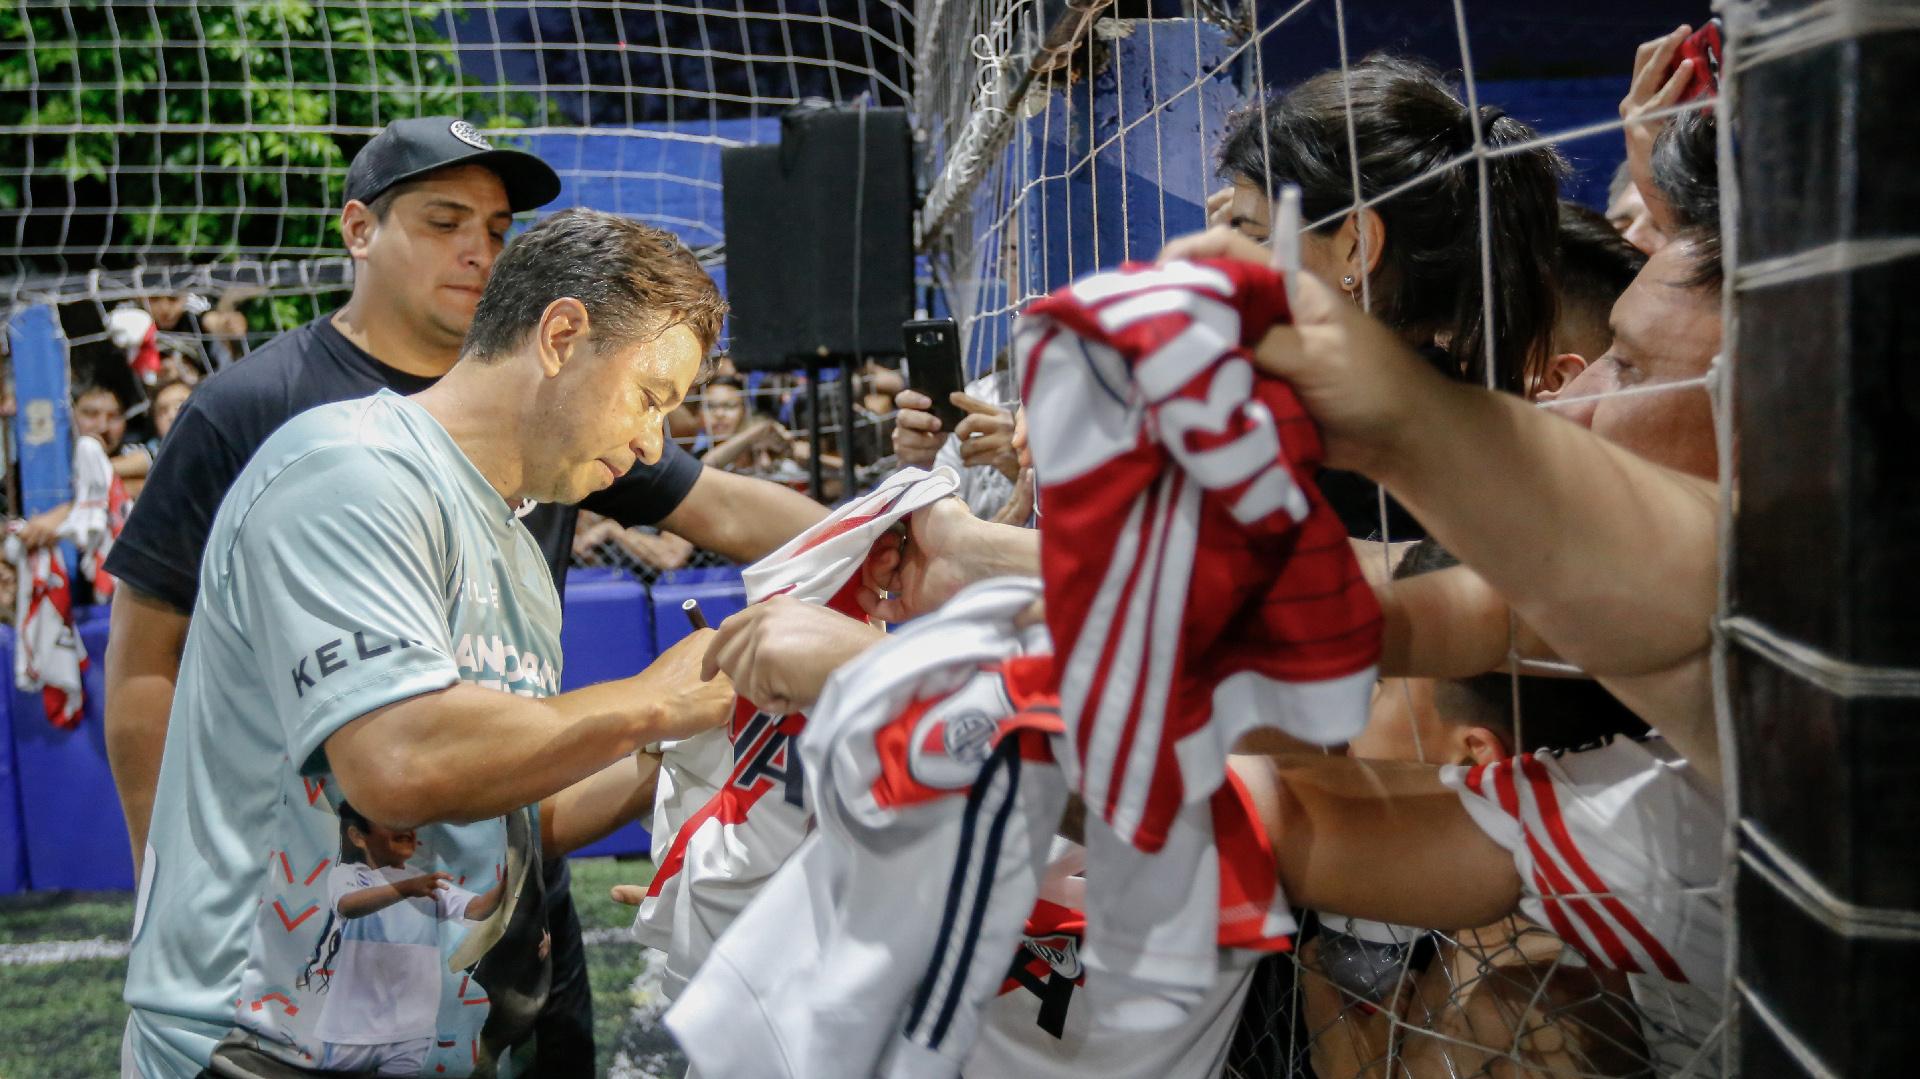 Cientos de personas se hicieron presente en el club de Merlo. Disfrutaron del partido a beneficio y además se llevaron un autógrafo de su ídolo